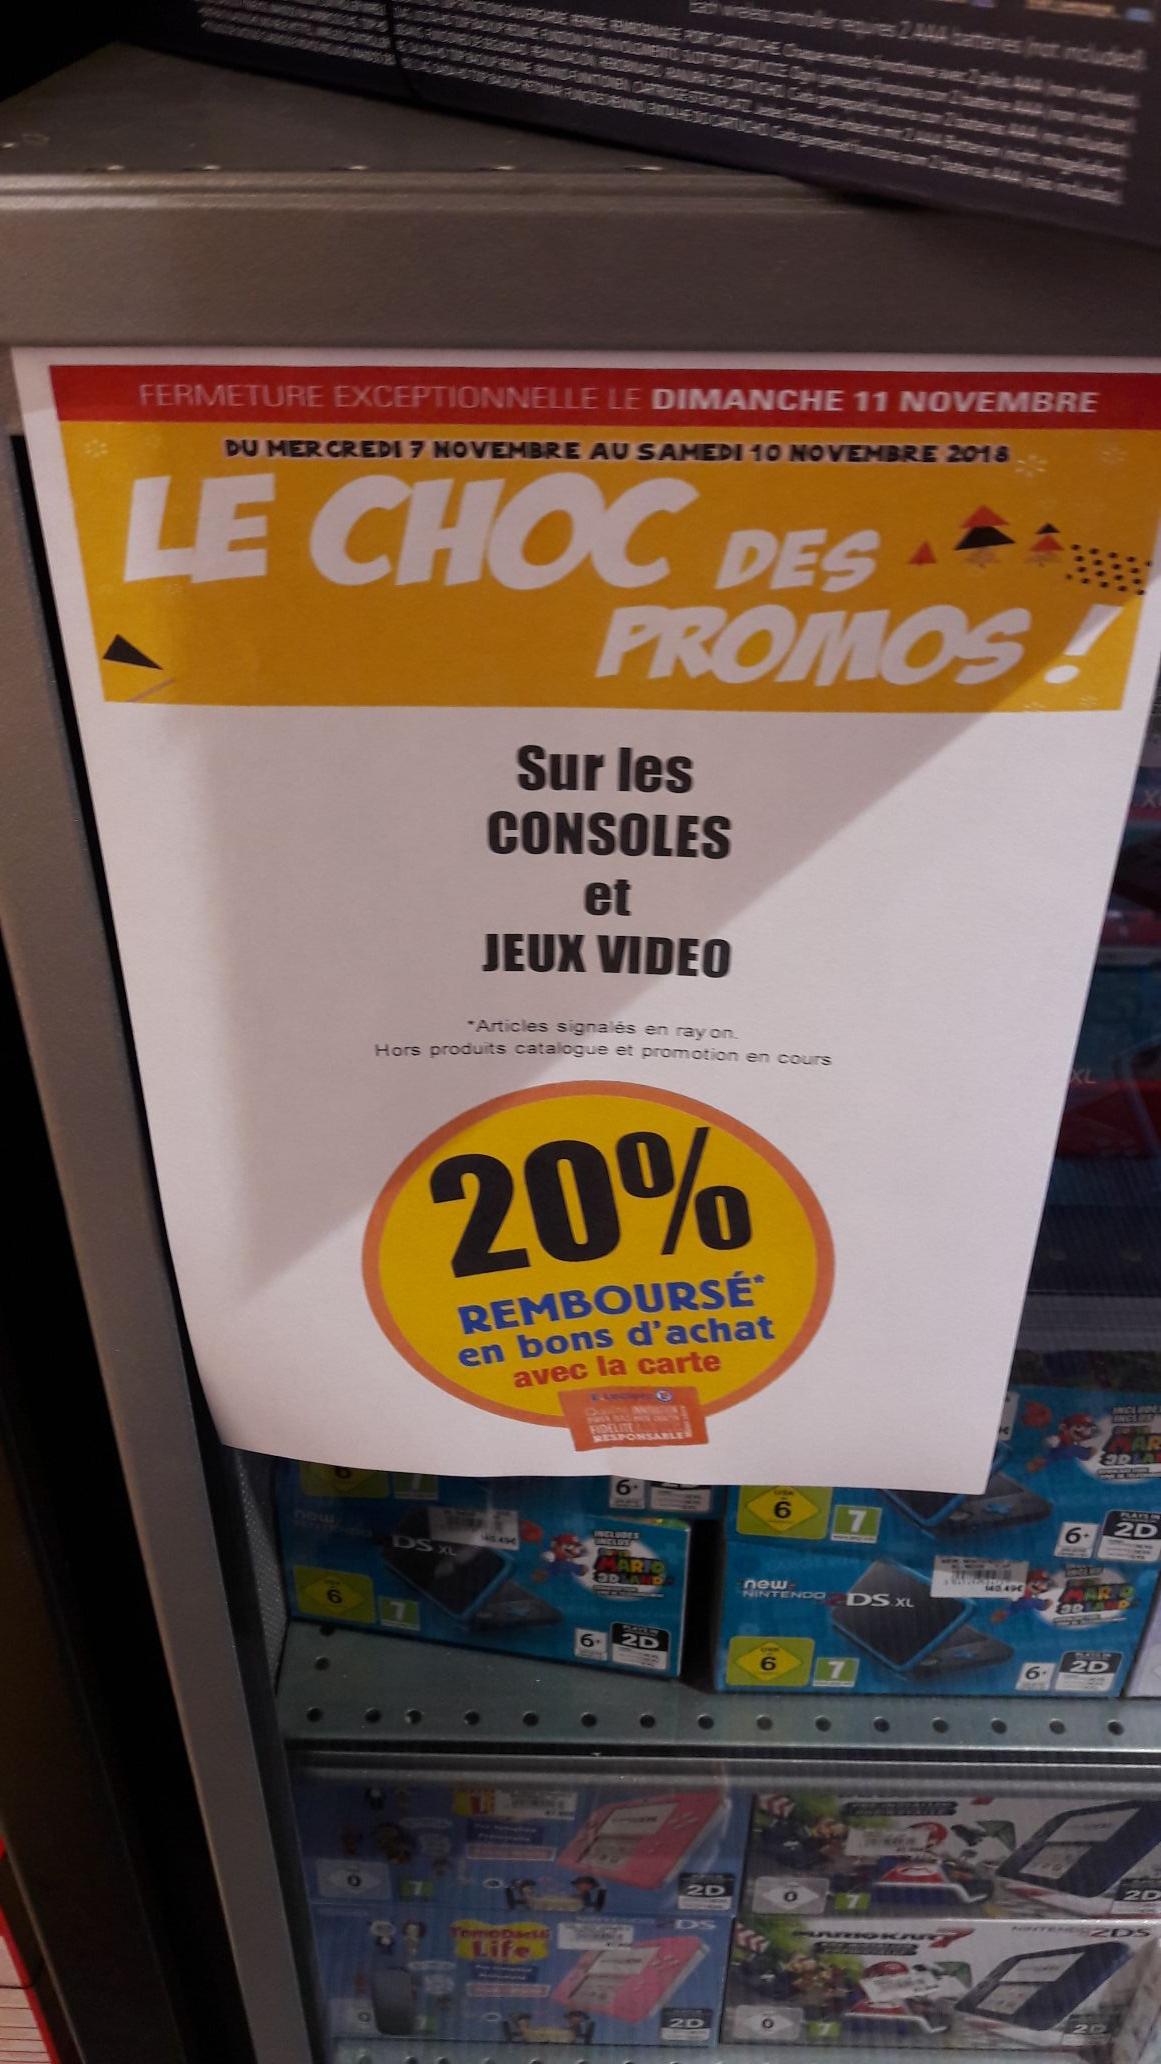 20% offert en bon d'achat sur les Consoles et Jeux vidéo - Ex : Console Nintendo classic mini NES (via 10.98€ fidélité) Rouffiac (31)